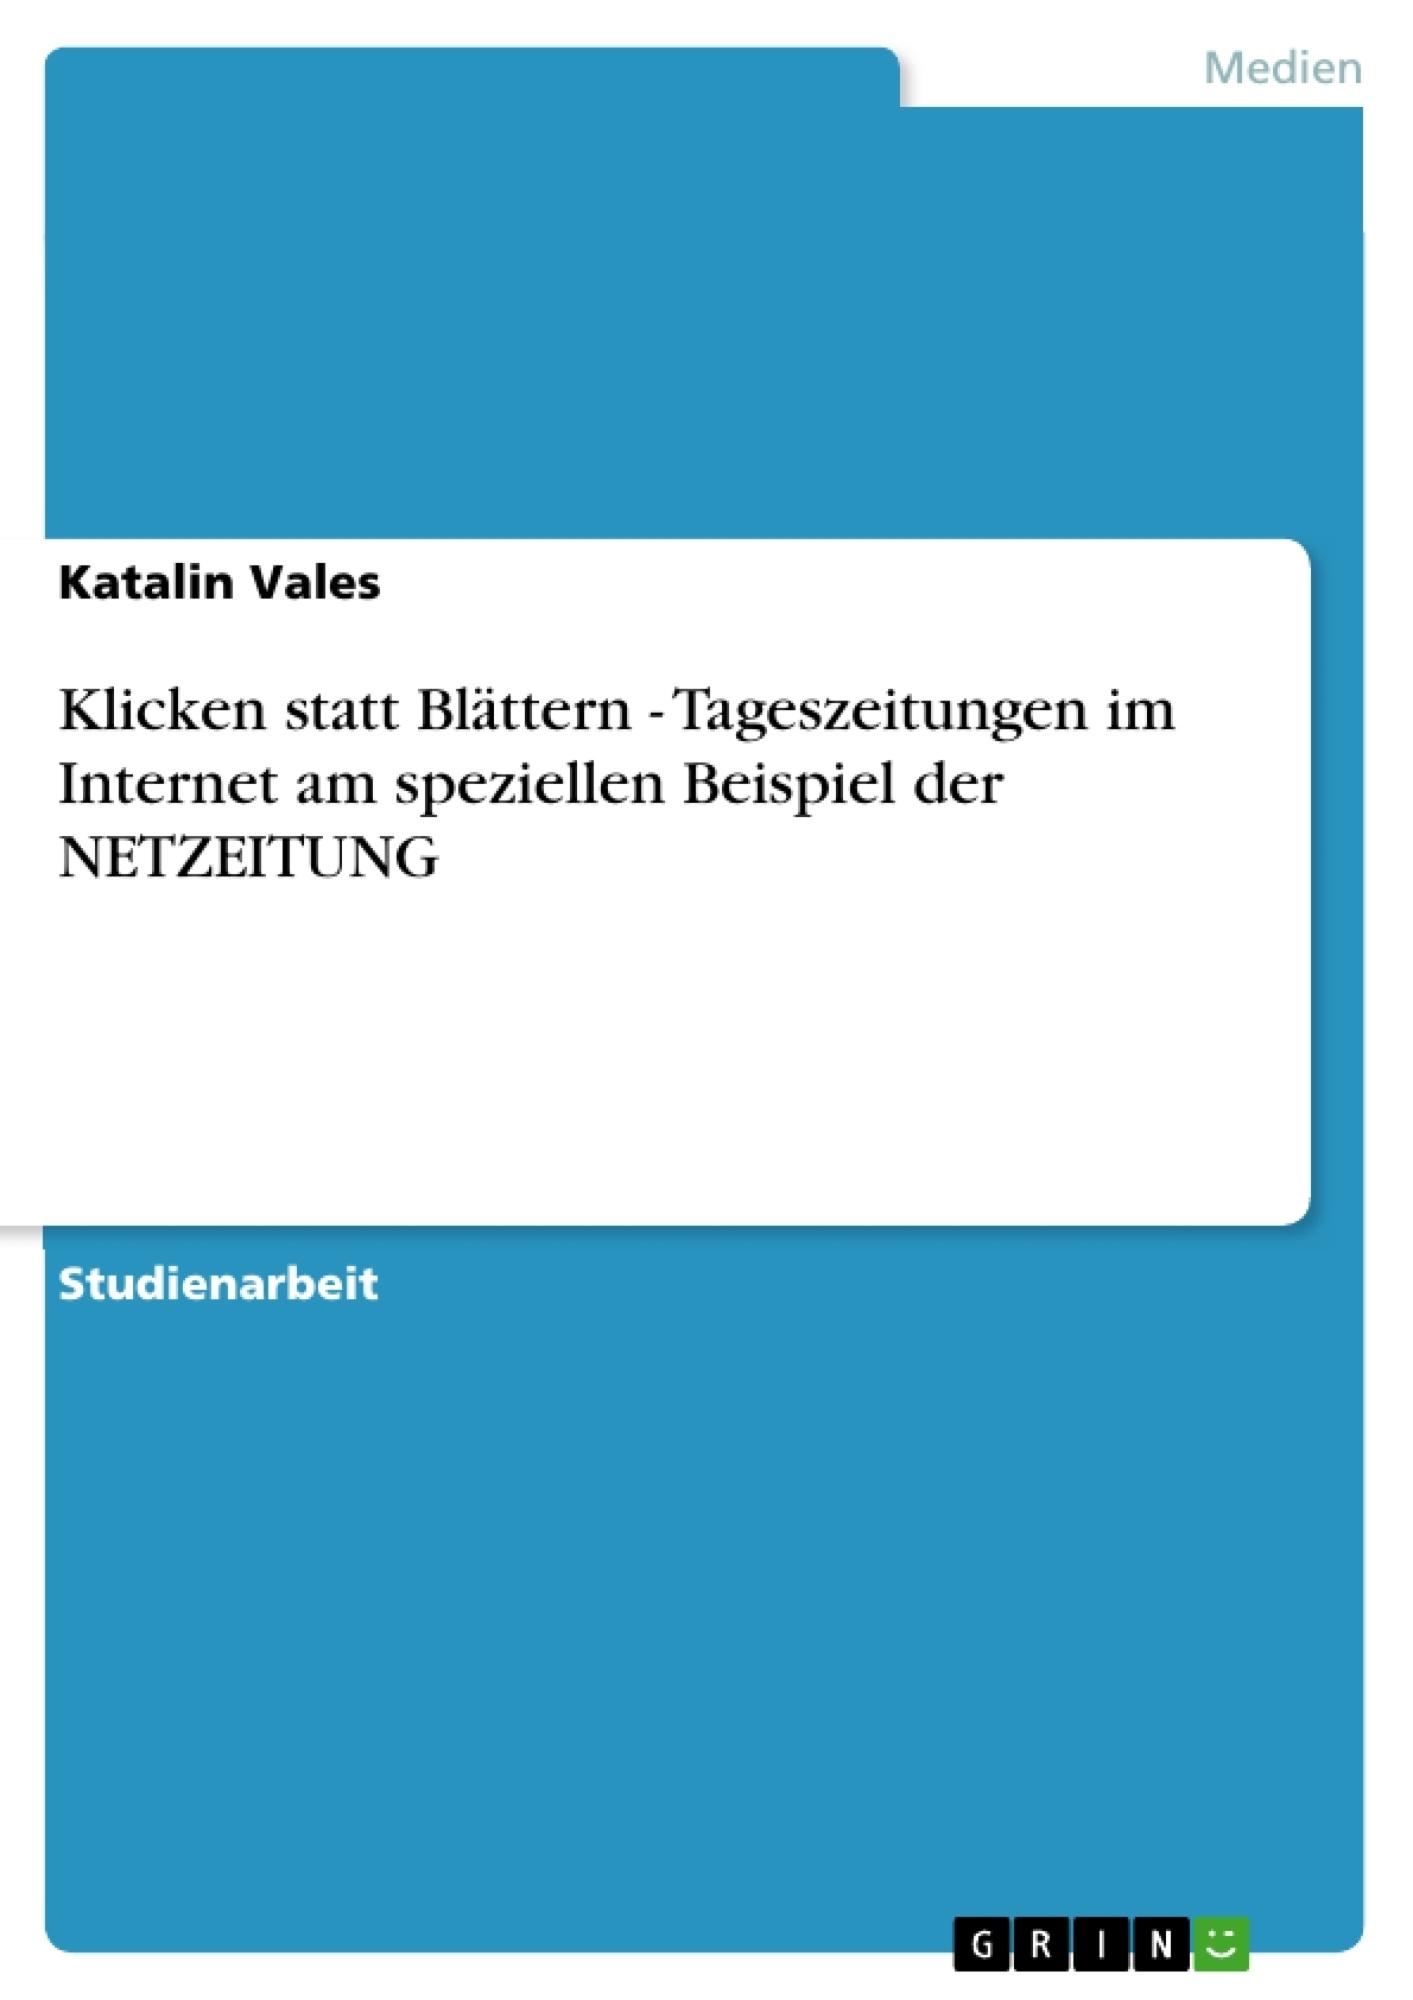 Titel: Klicken statt Blättern - Tageszeitungen im Internet am speziellen Beispiel der NETZEITUNG